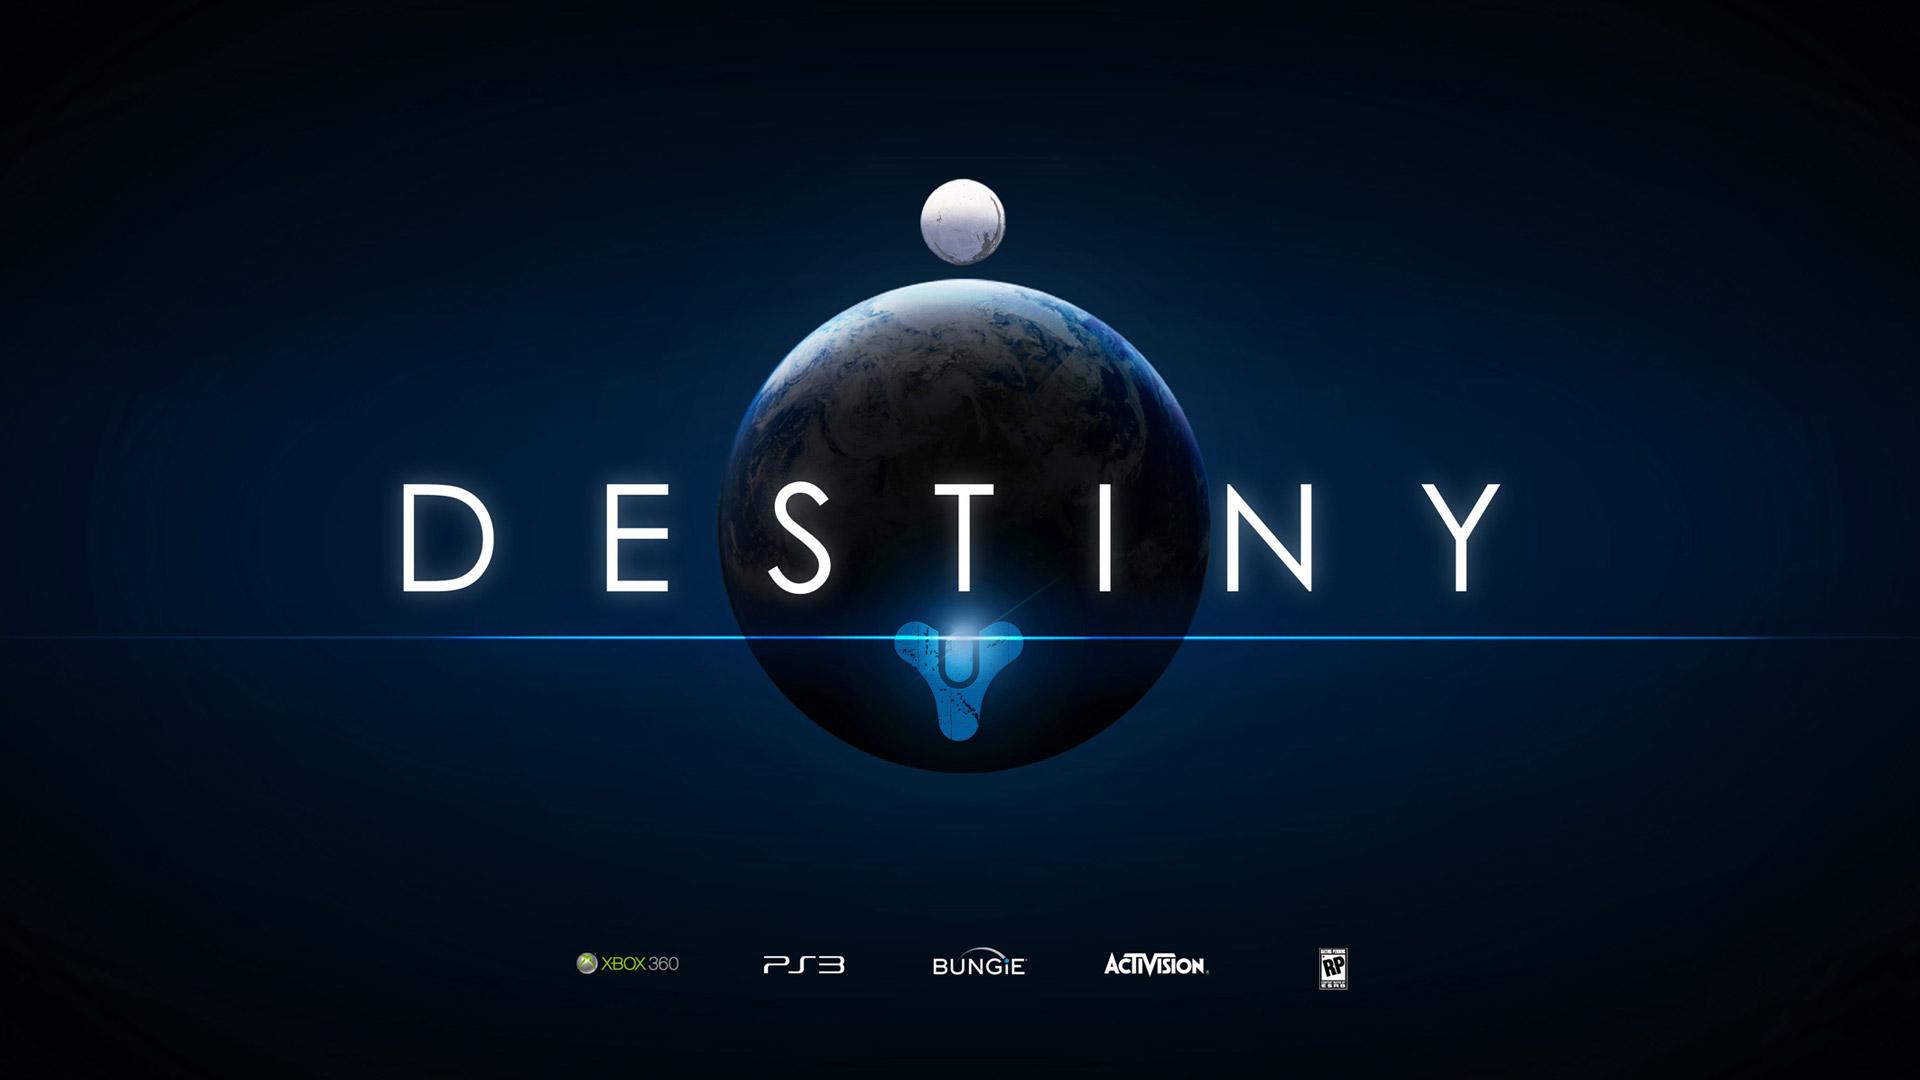 Destiny wallpaper 5